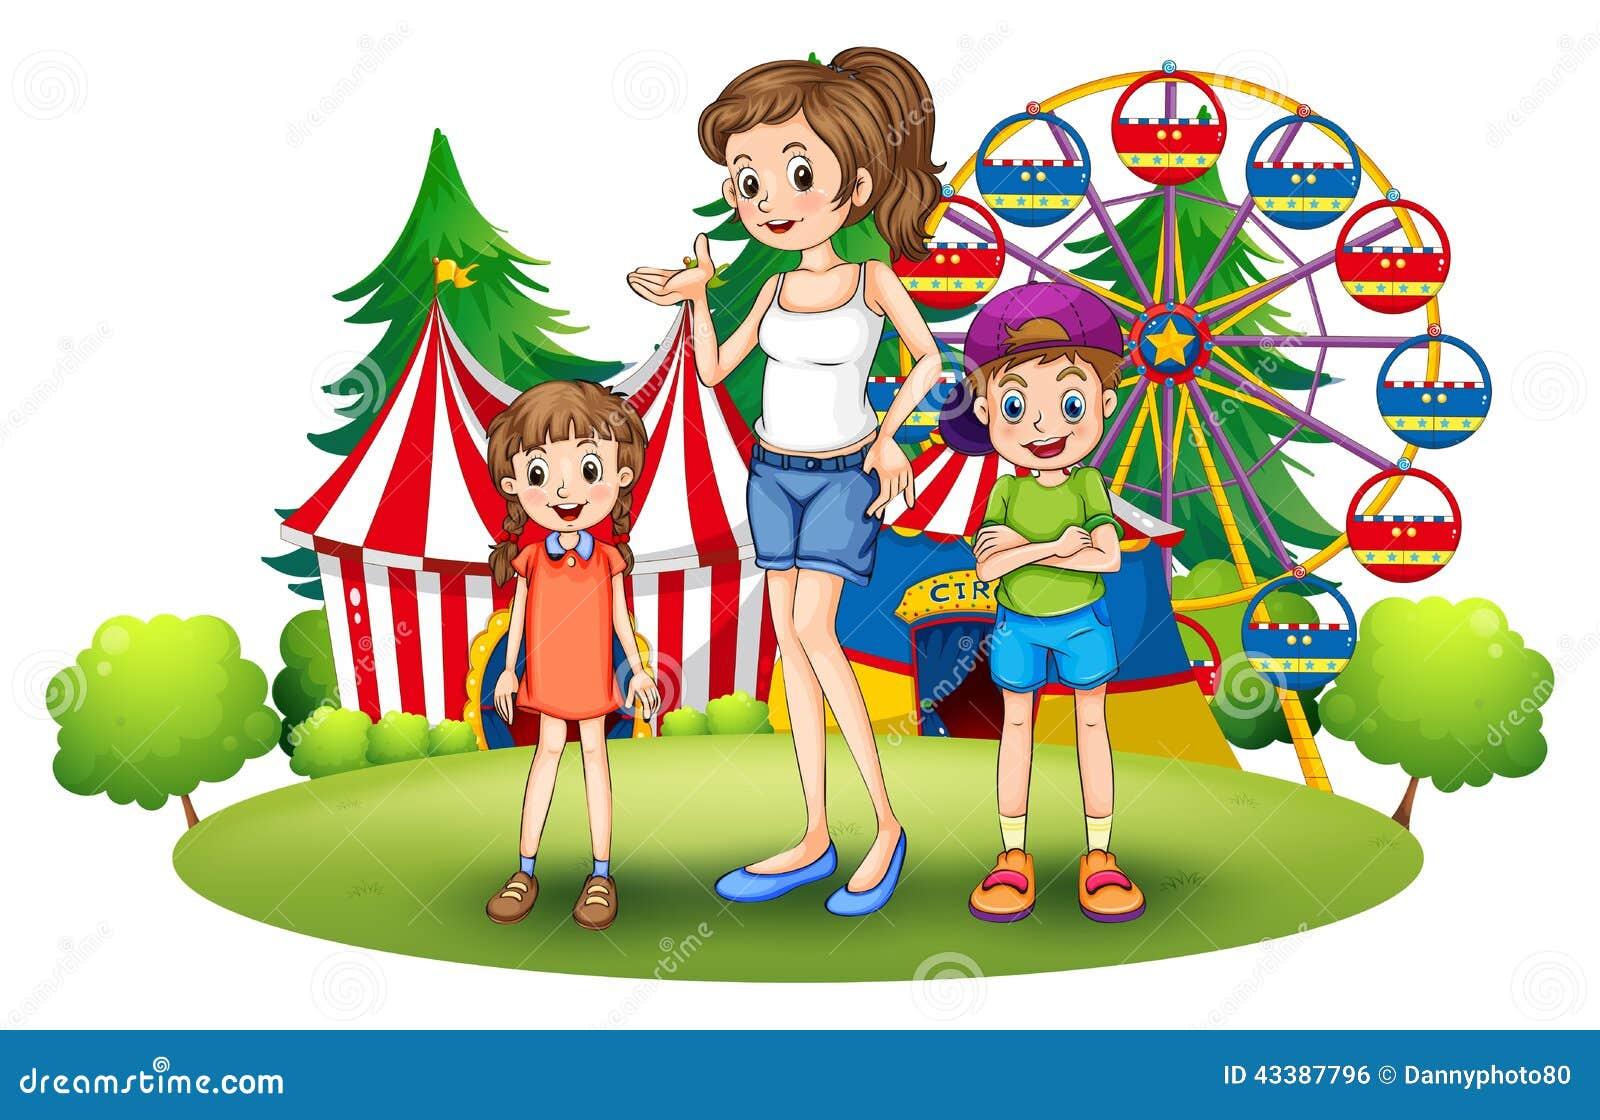 El Parque De Atracciones De Dibujos Animados Ven A Jugar: A Family At The Amusement Park With A Ferris Wheel Stock